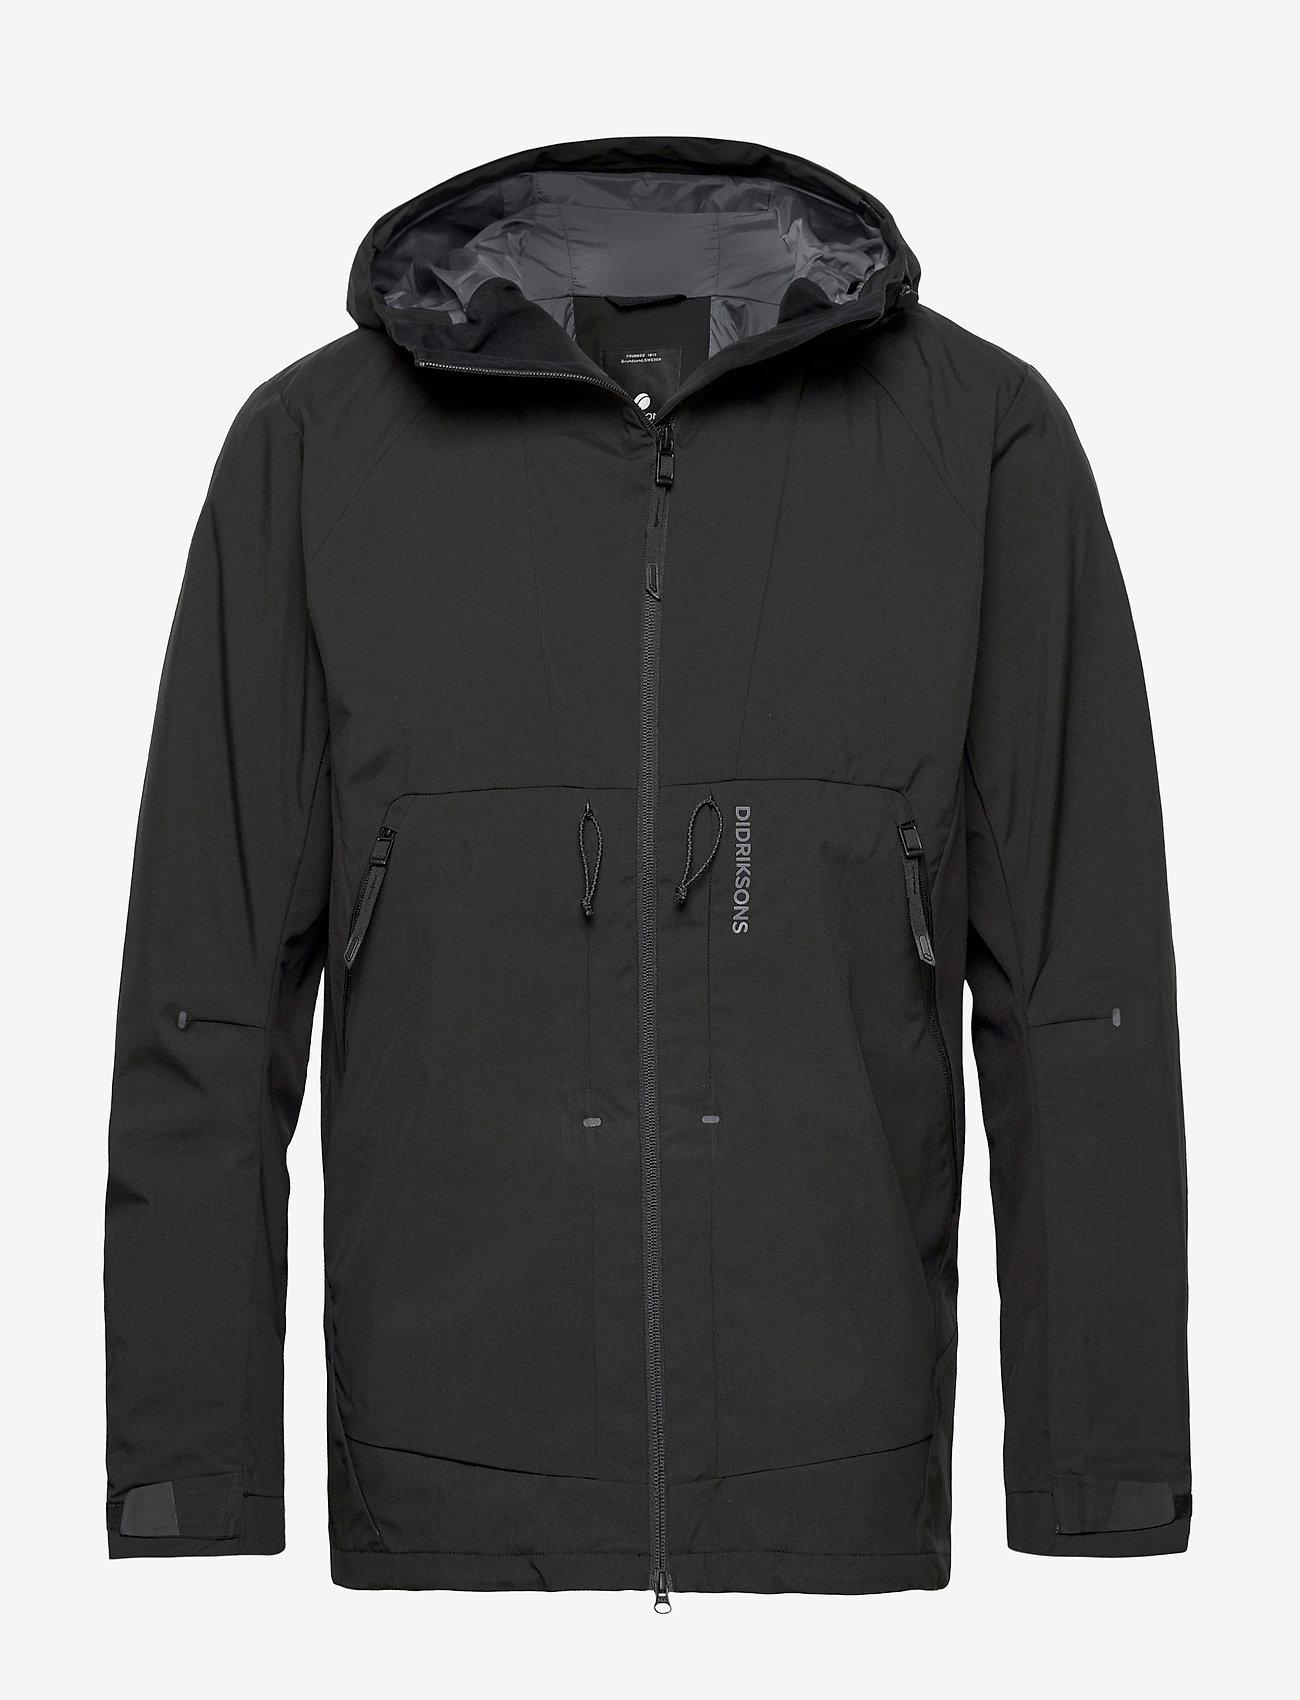 Didriksons - BENGT USX JKT 2 - manteaux de pluie - black - 0